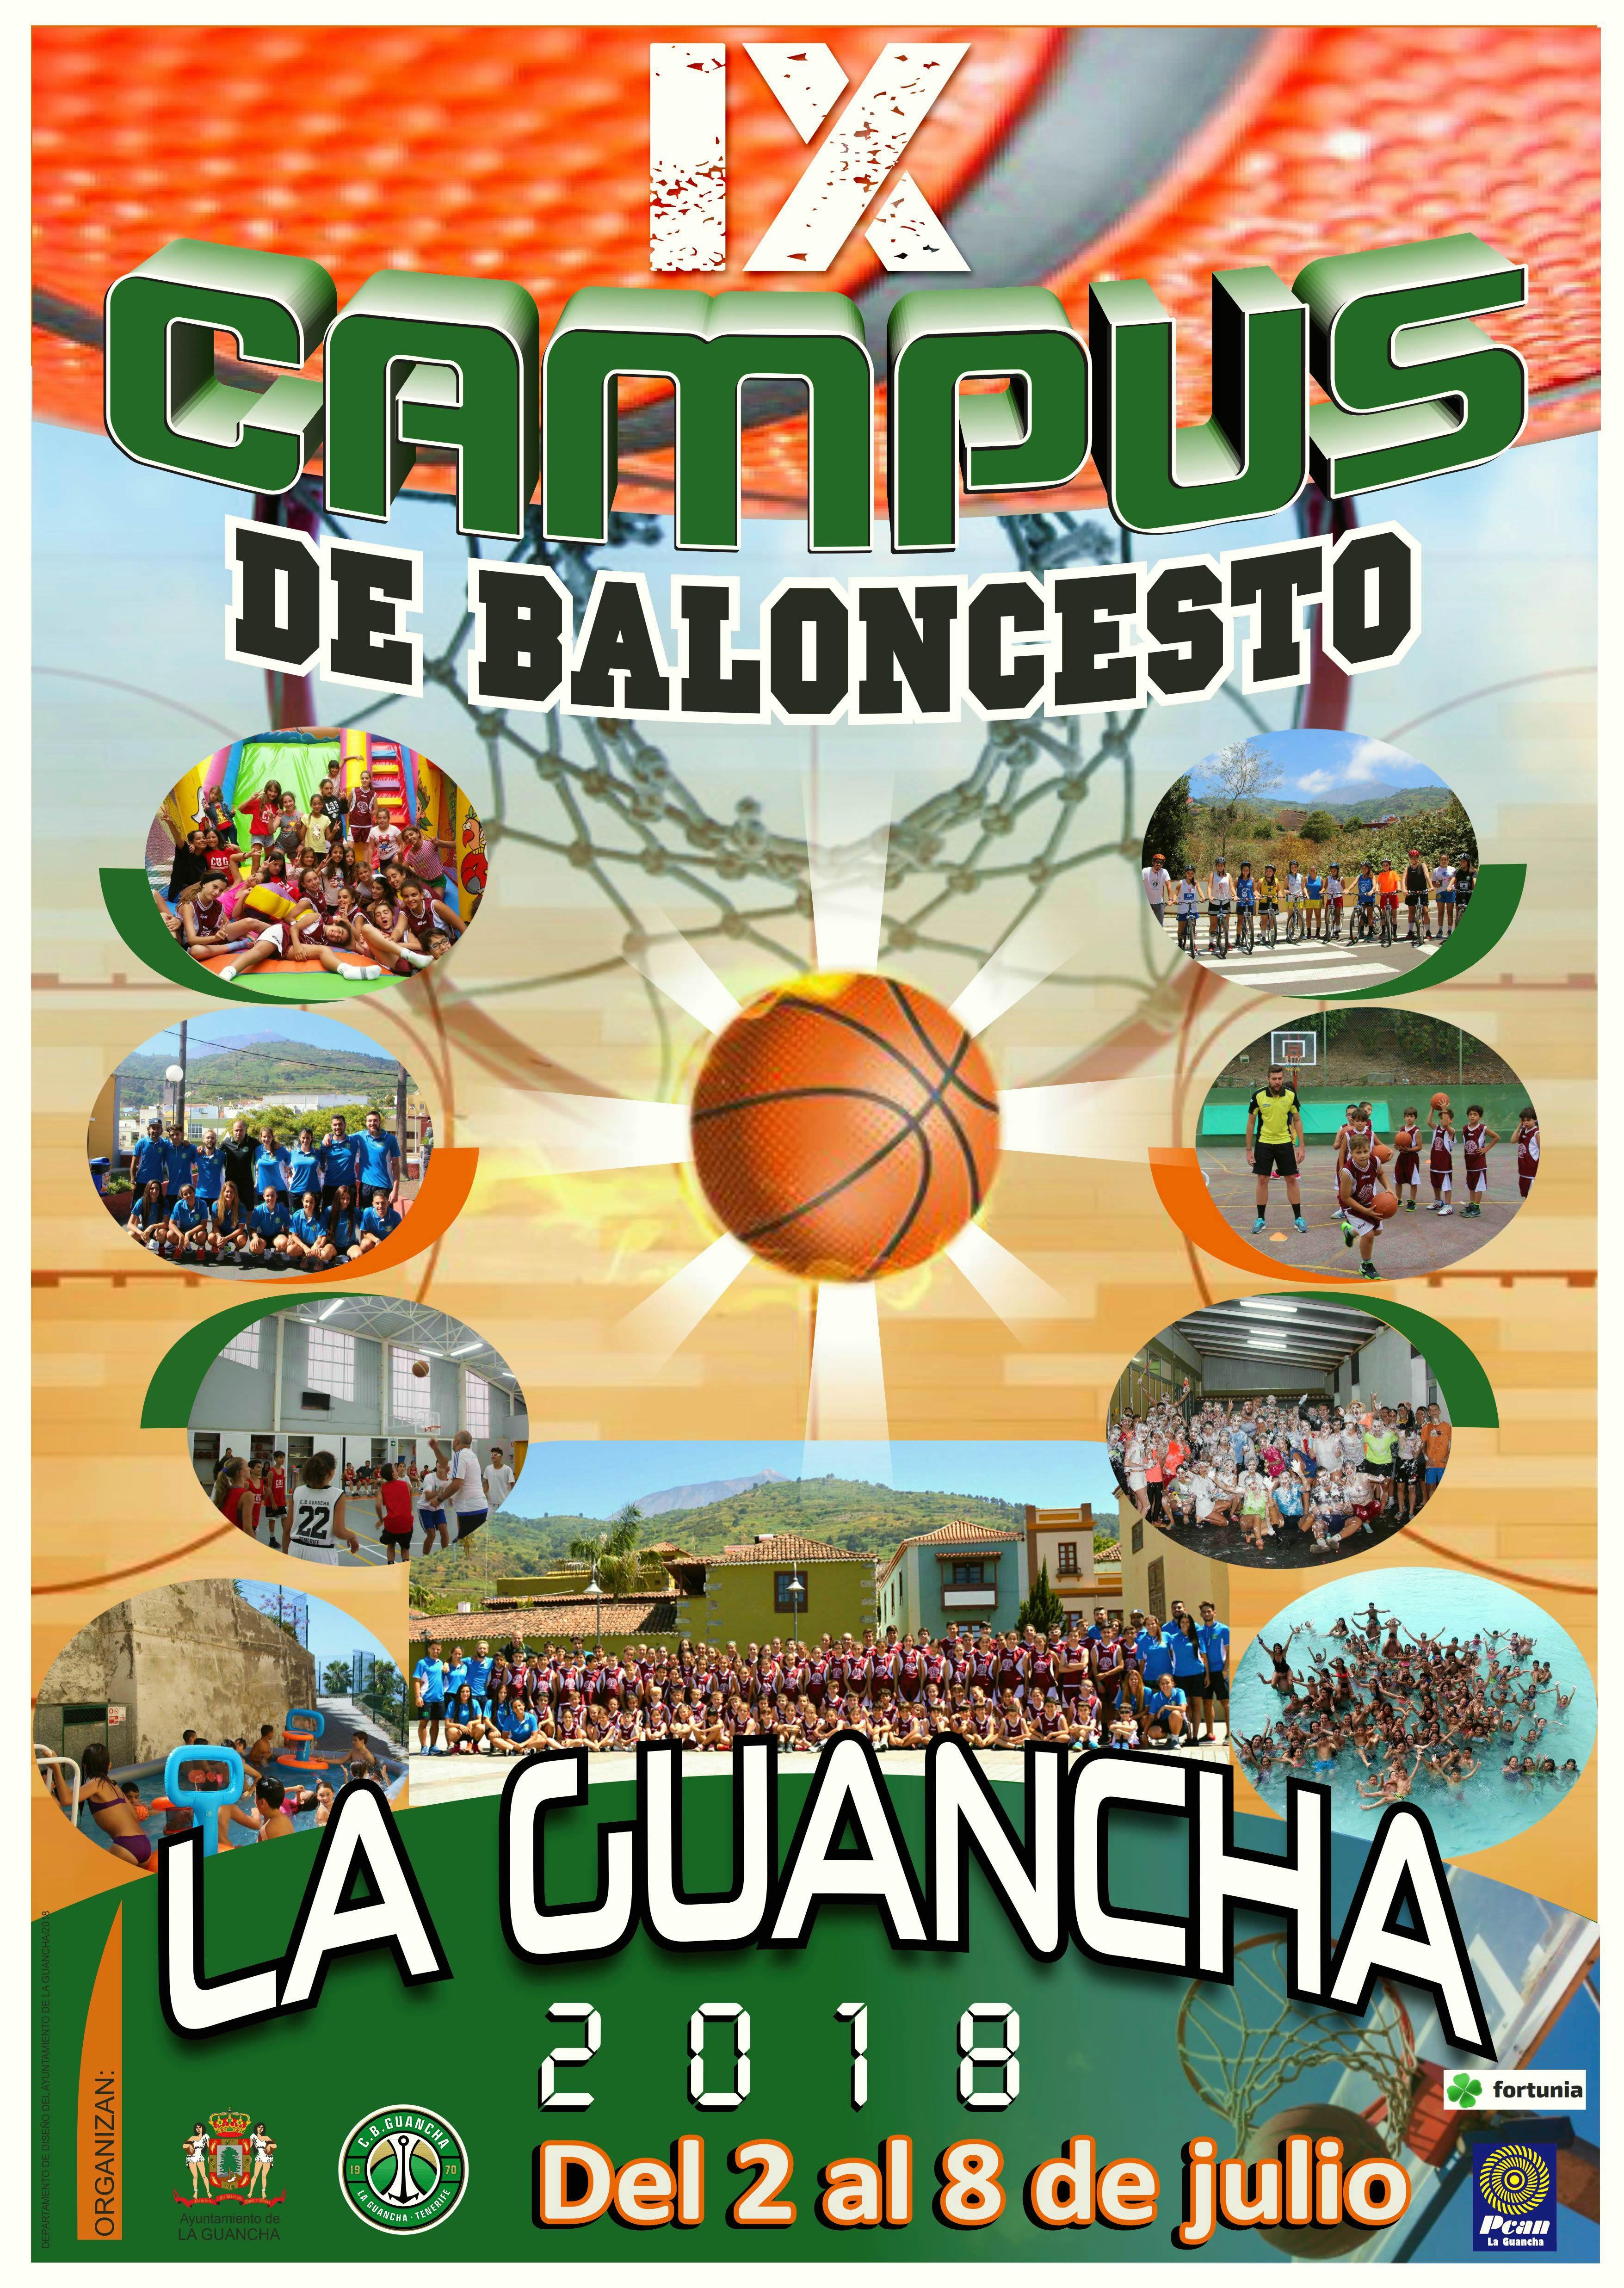 Presentado el IX Campus de Baloncesto en La Guancha